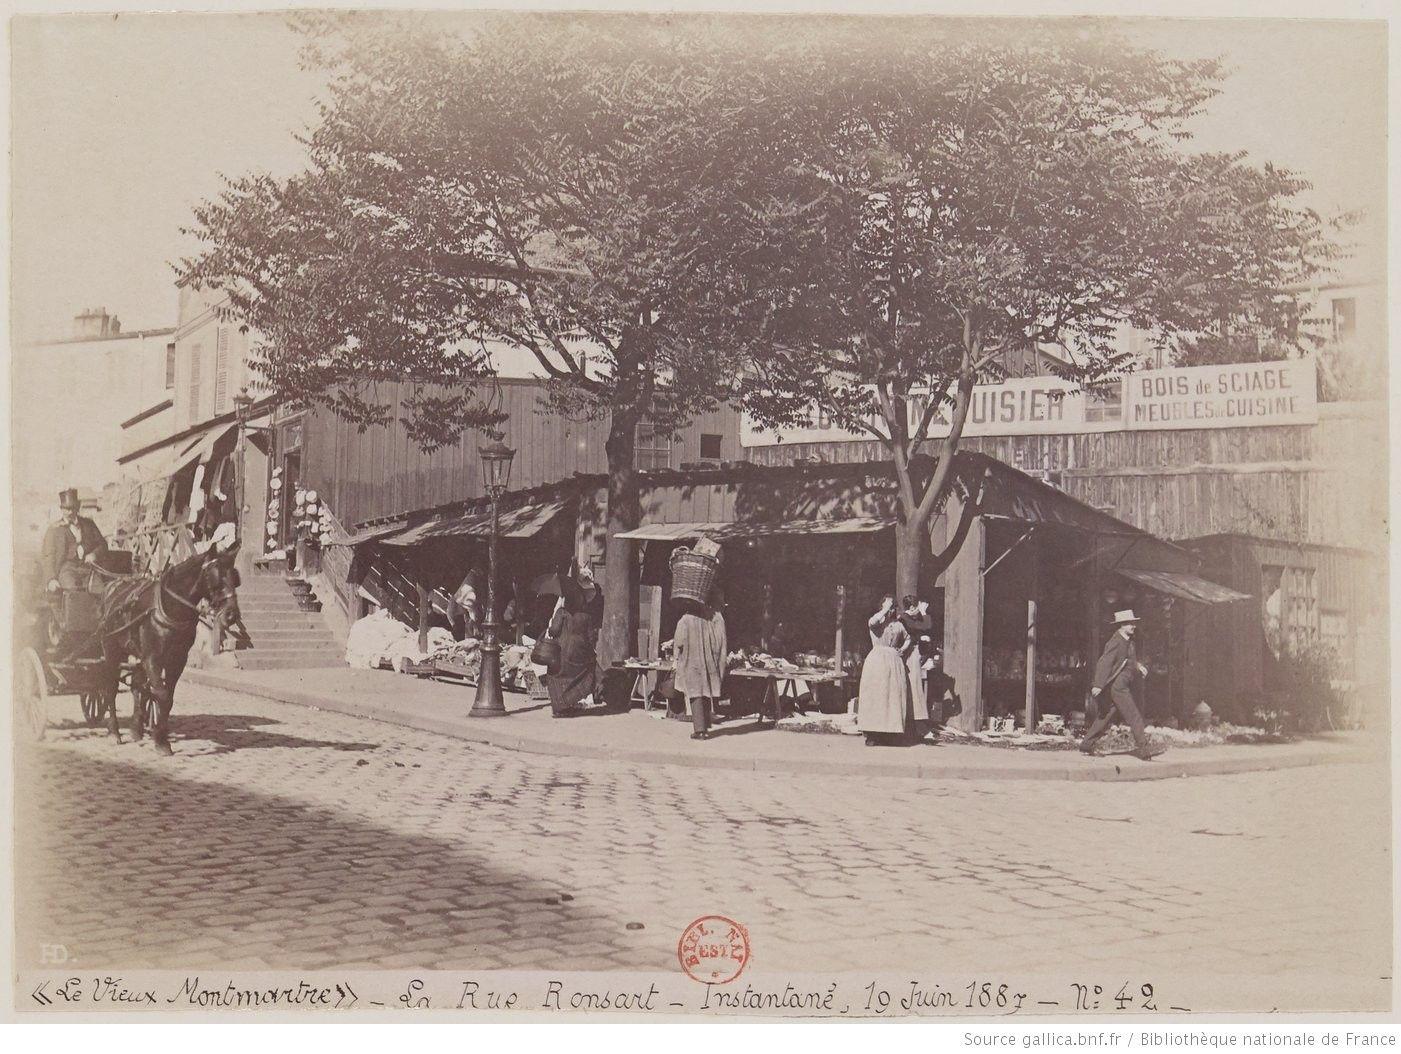 Recueil De Photographies Le Vieux Montmartre 1852 1890 Hd Gallica Vieux Paris Paris Photographie